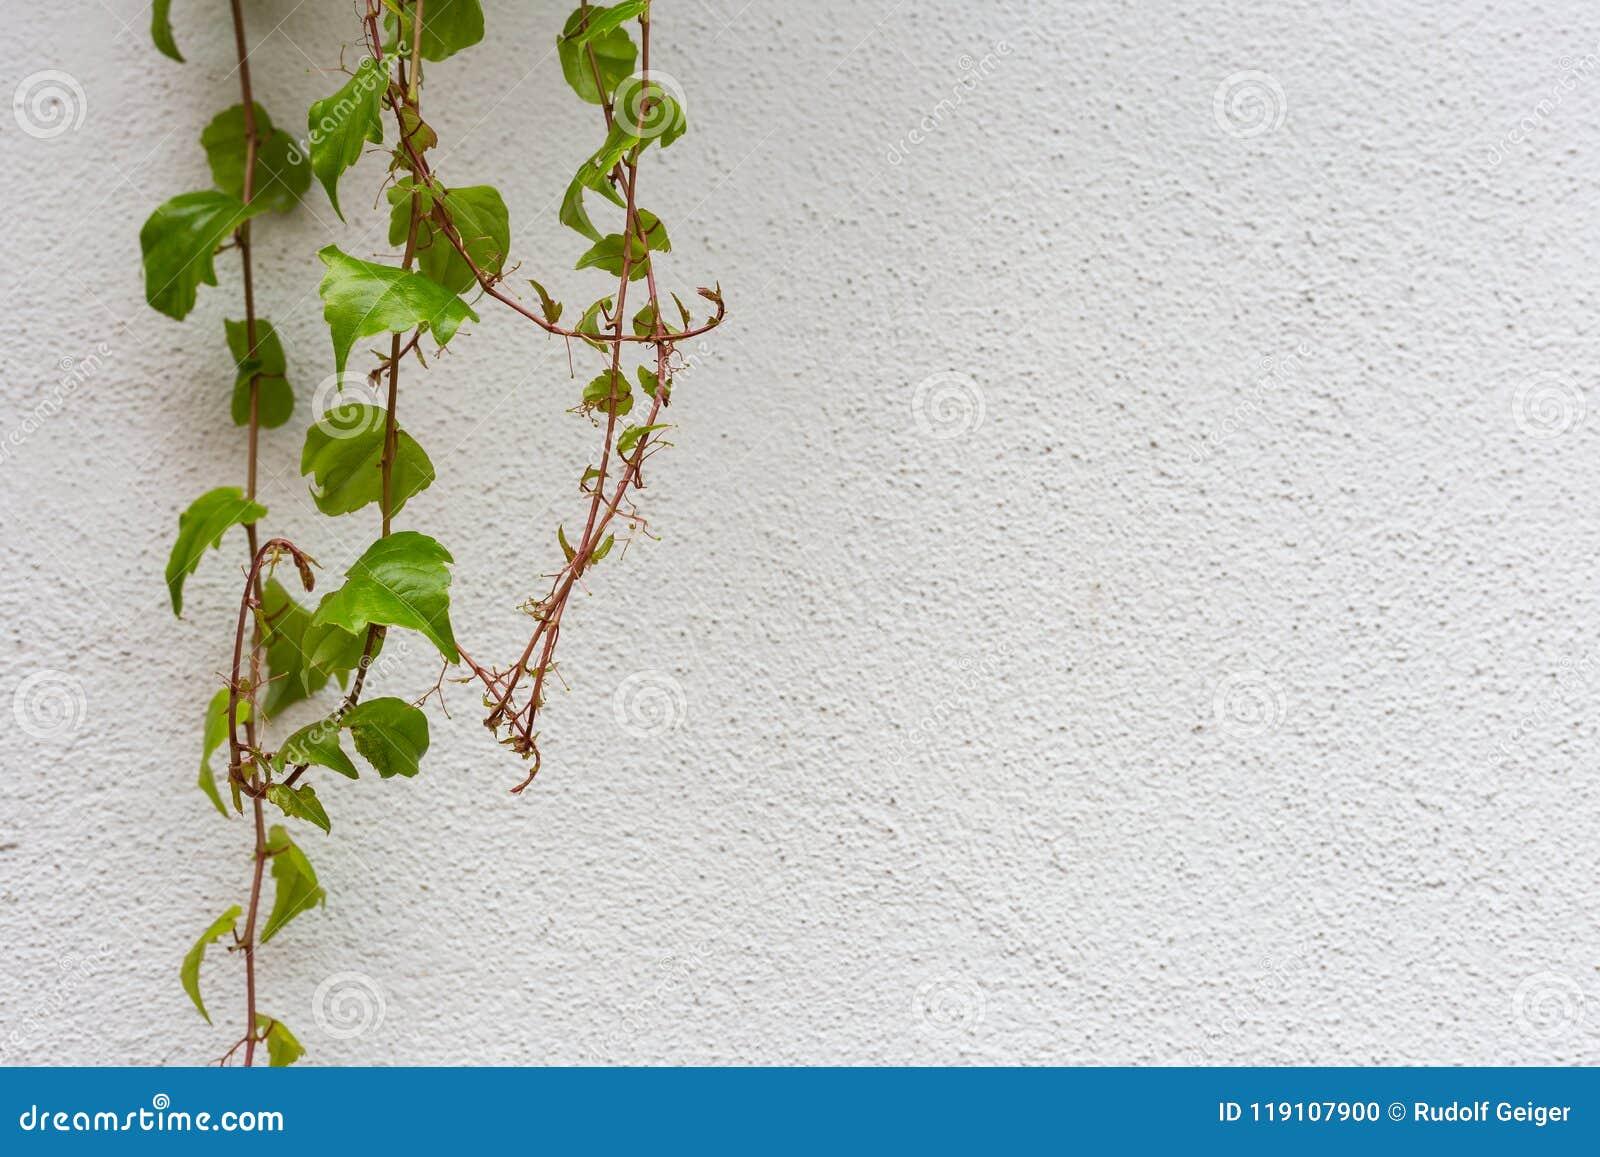 Groene klimop op witte muur